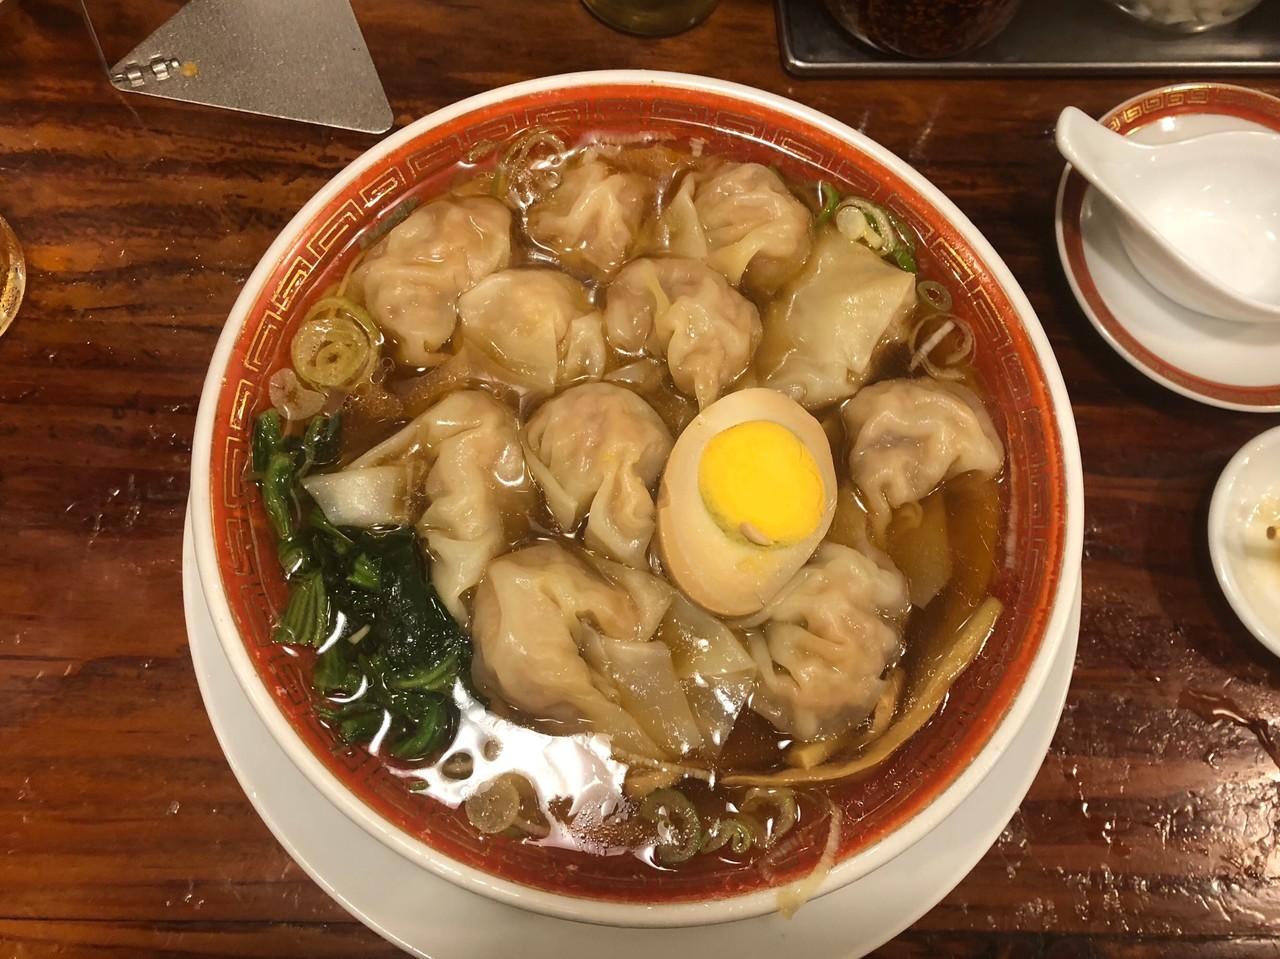 【新宿】細麺好きにおすすめのラーメン10選 !小麦の風味豊かな極細麺は最高!